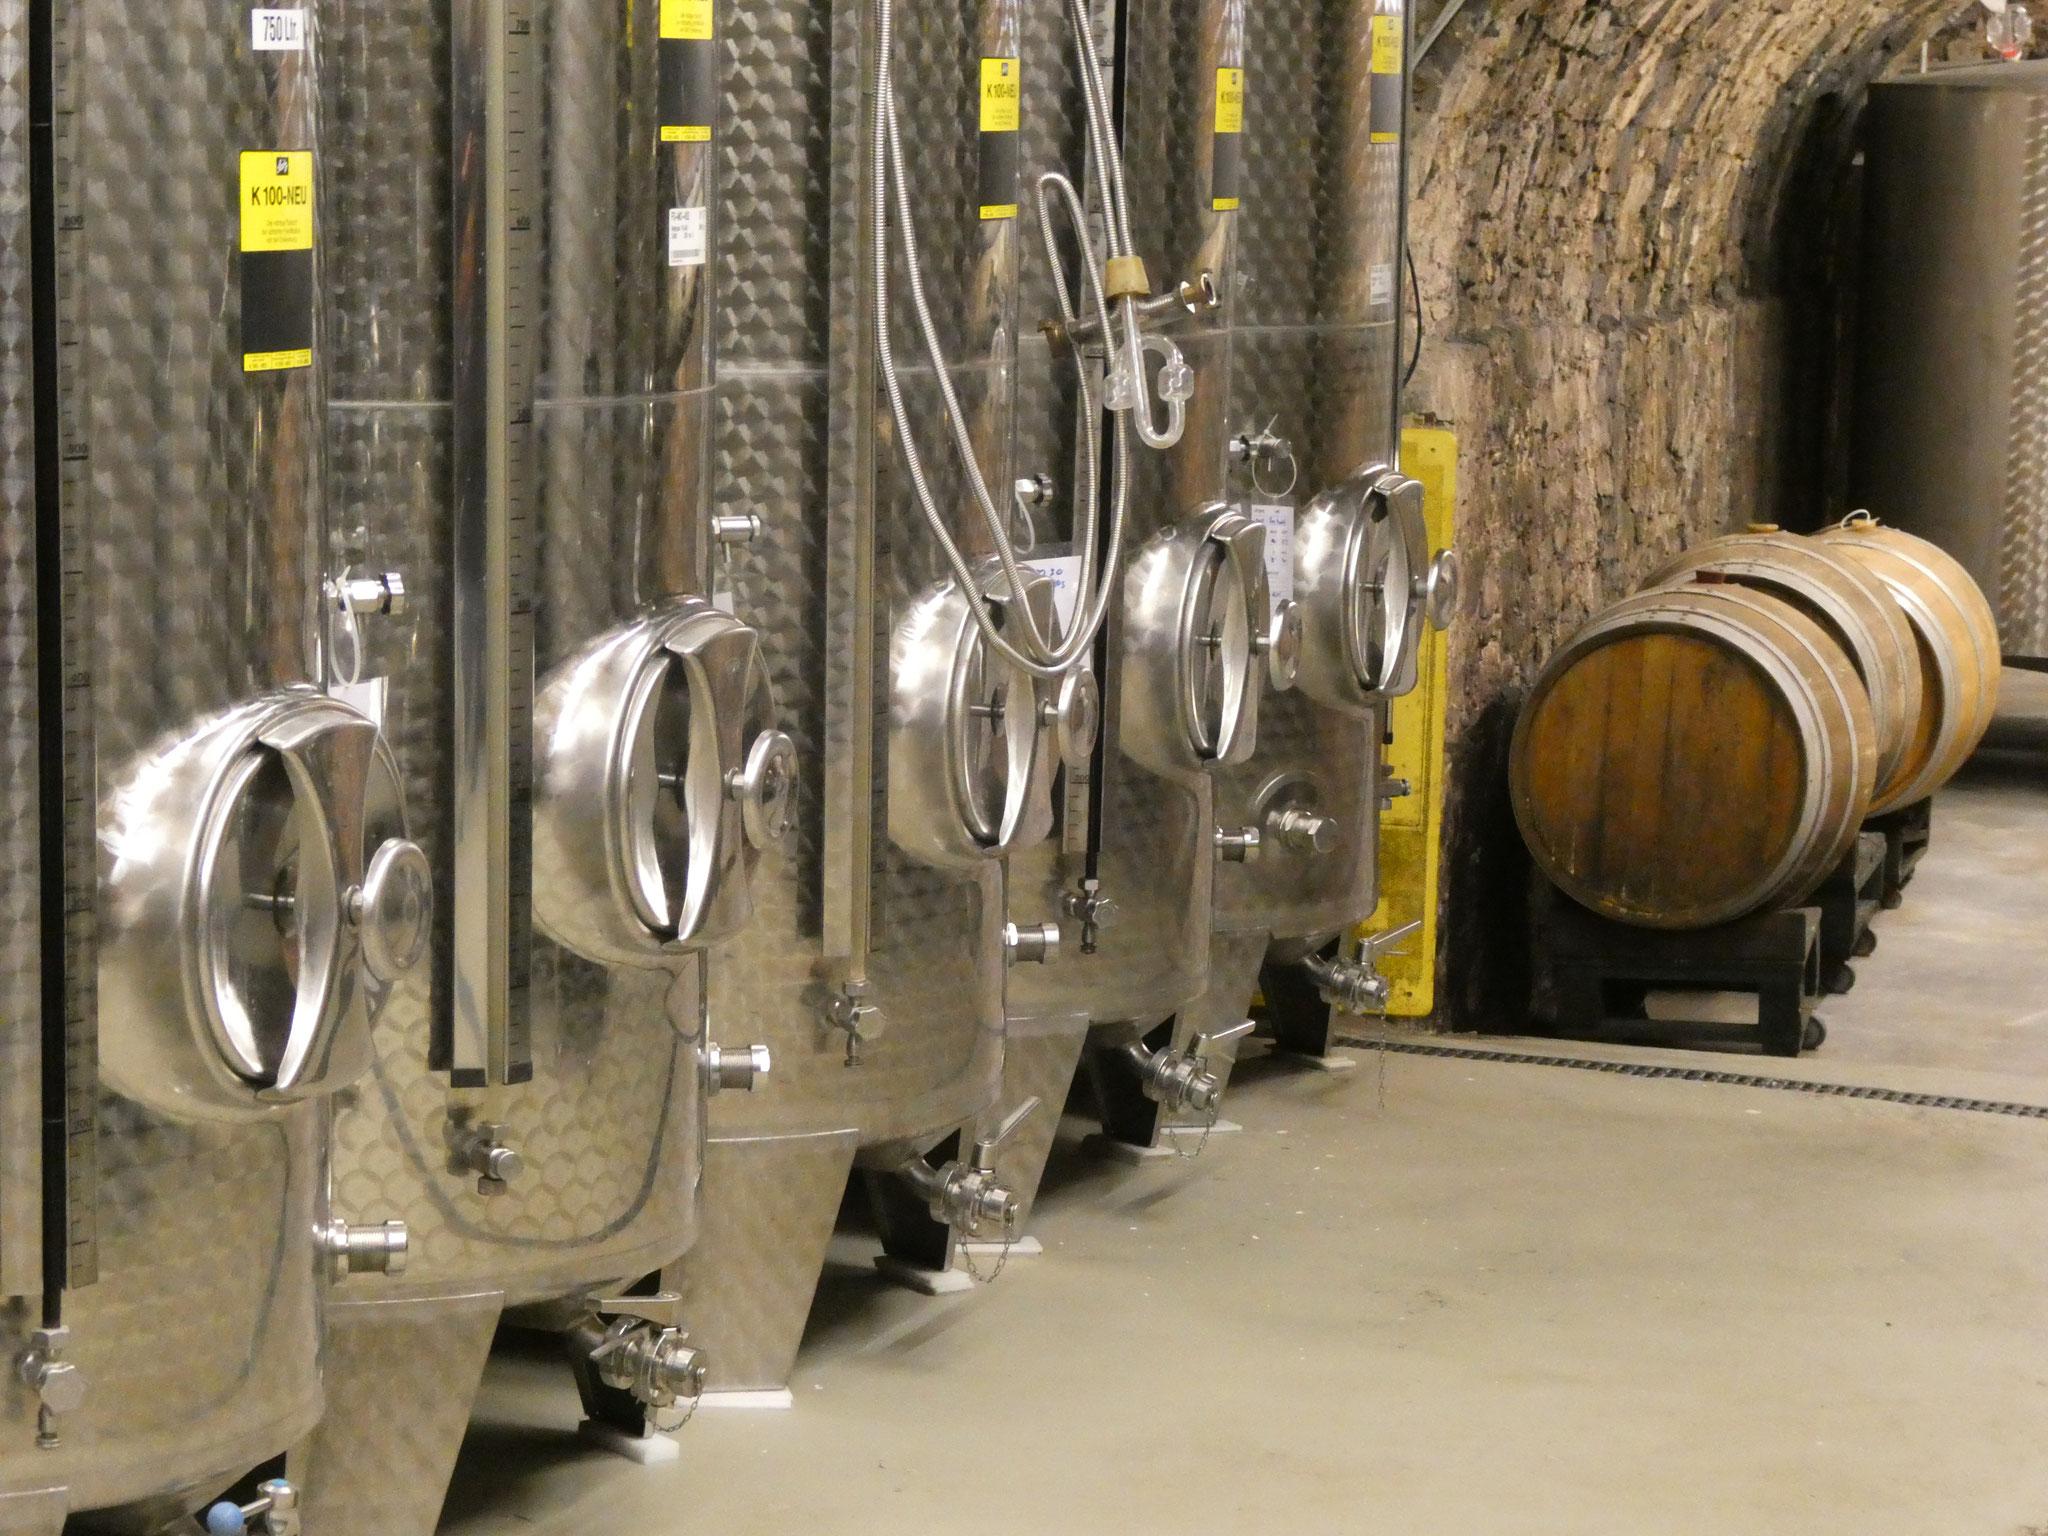 Lager- und Reifetanks: Handwerkskunst im Weingut Regie